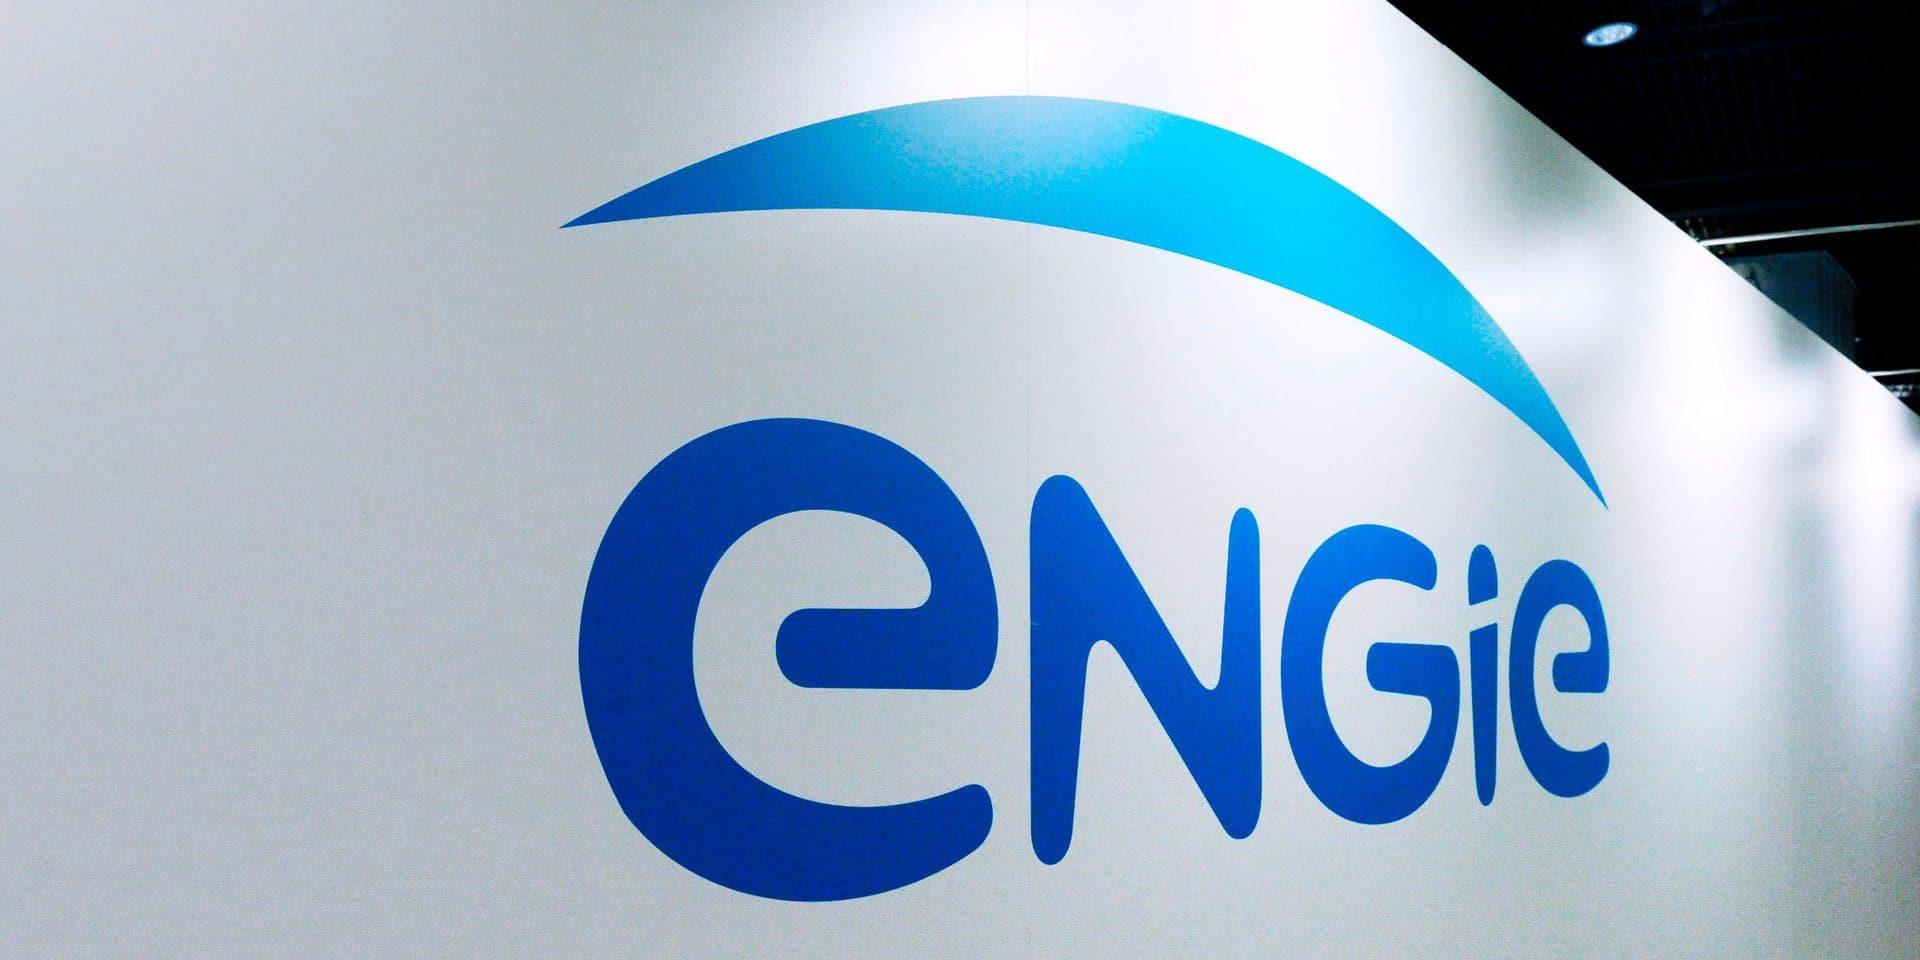 Engie : 9 600 emplois touchés par la restructuration en Belgique